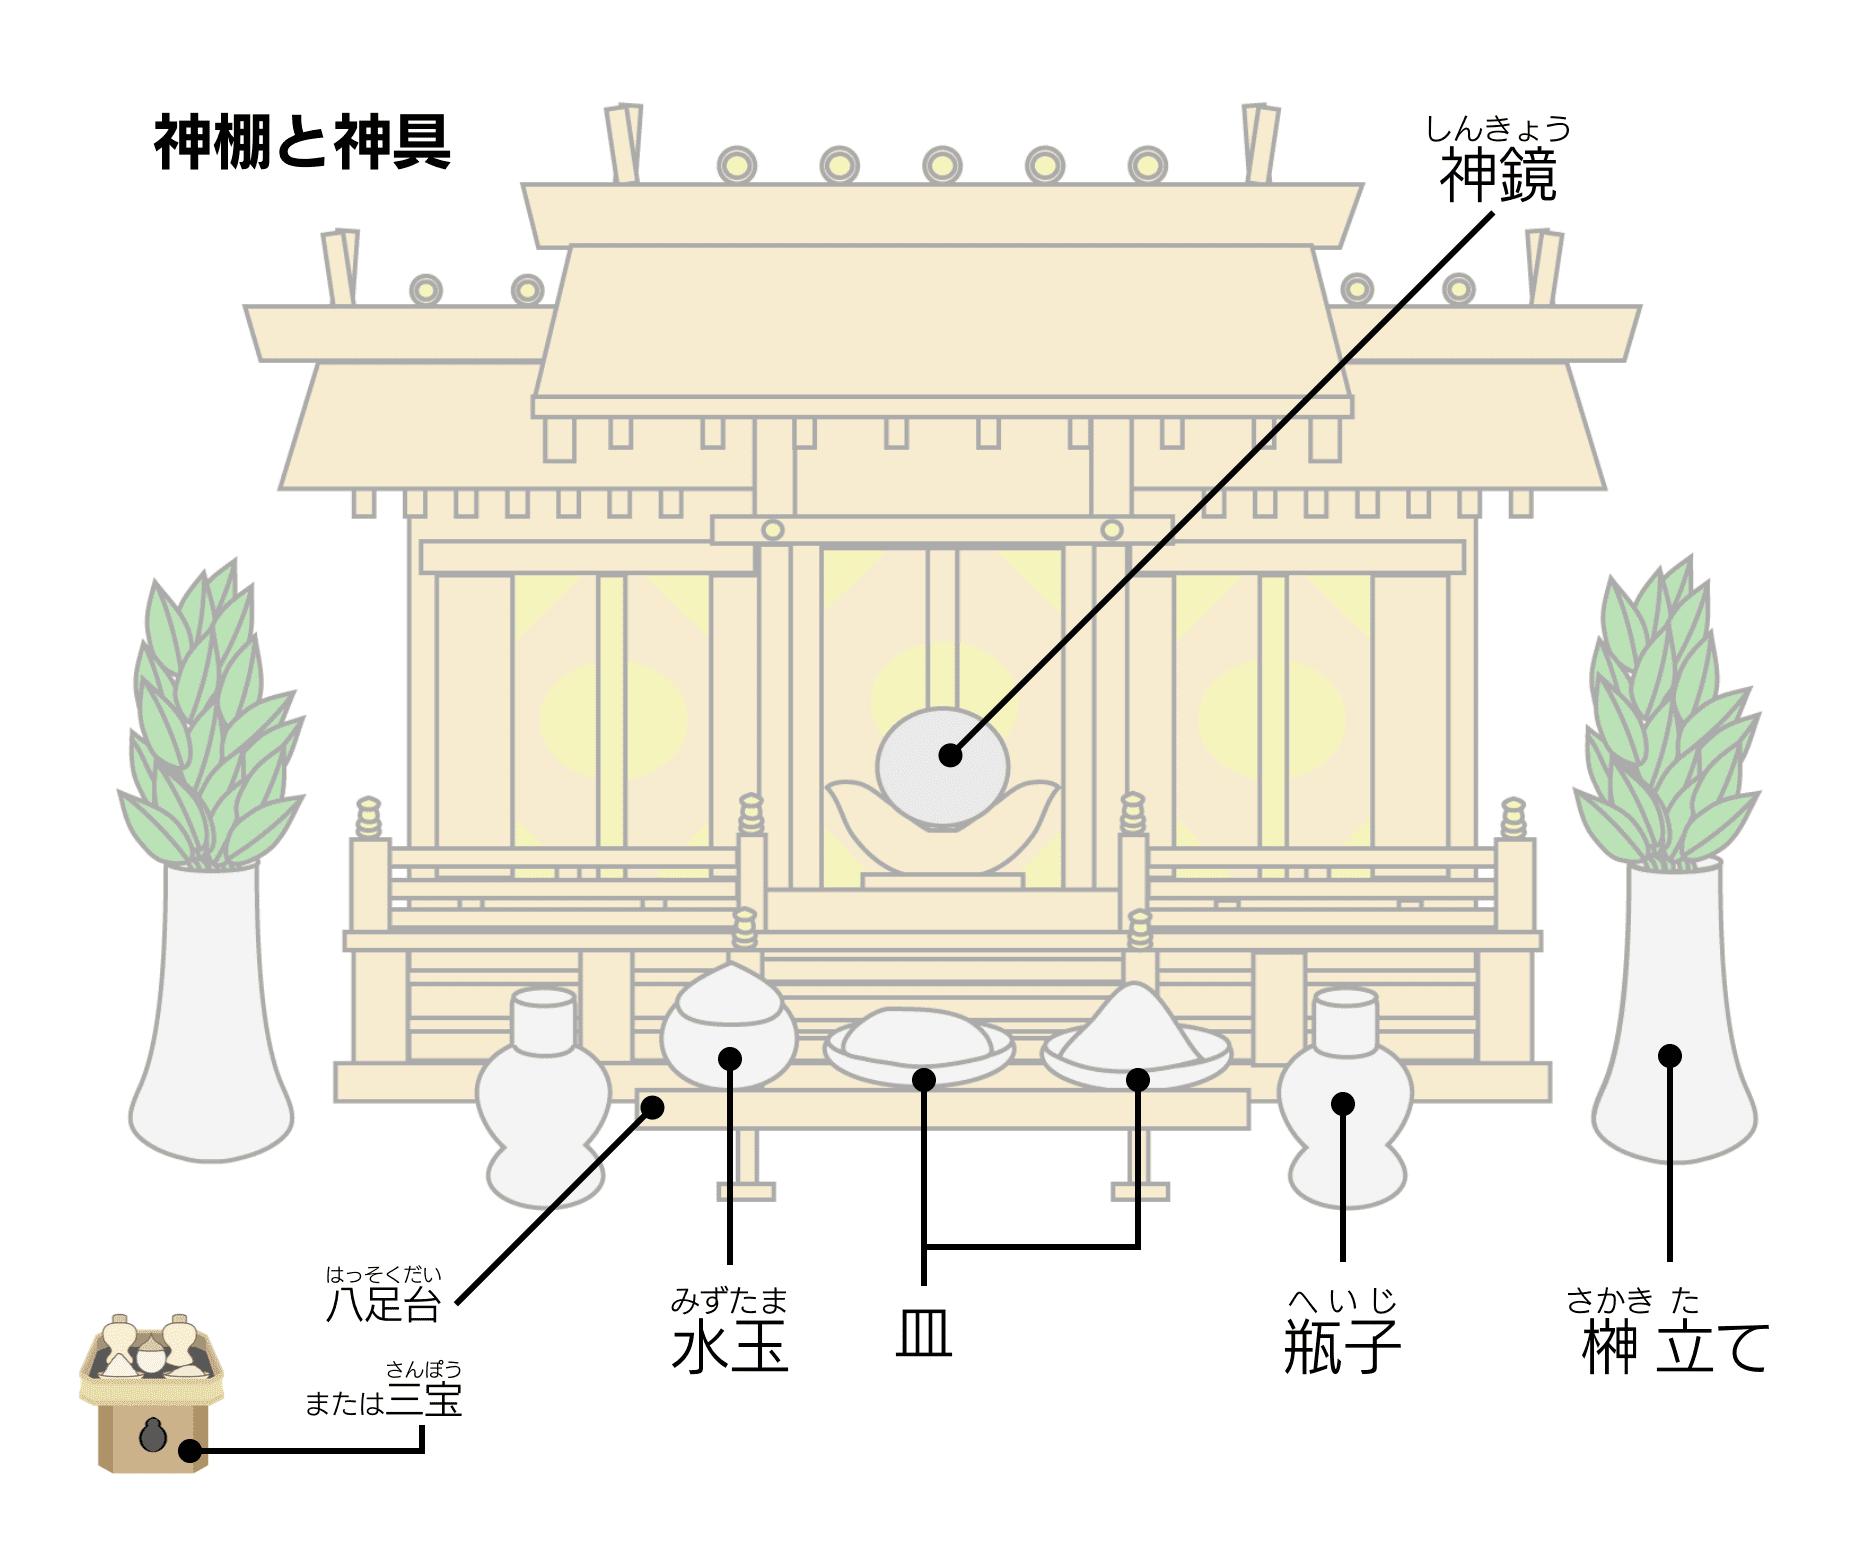 神棚の祀り方